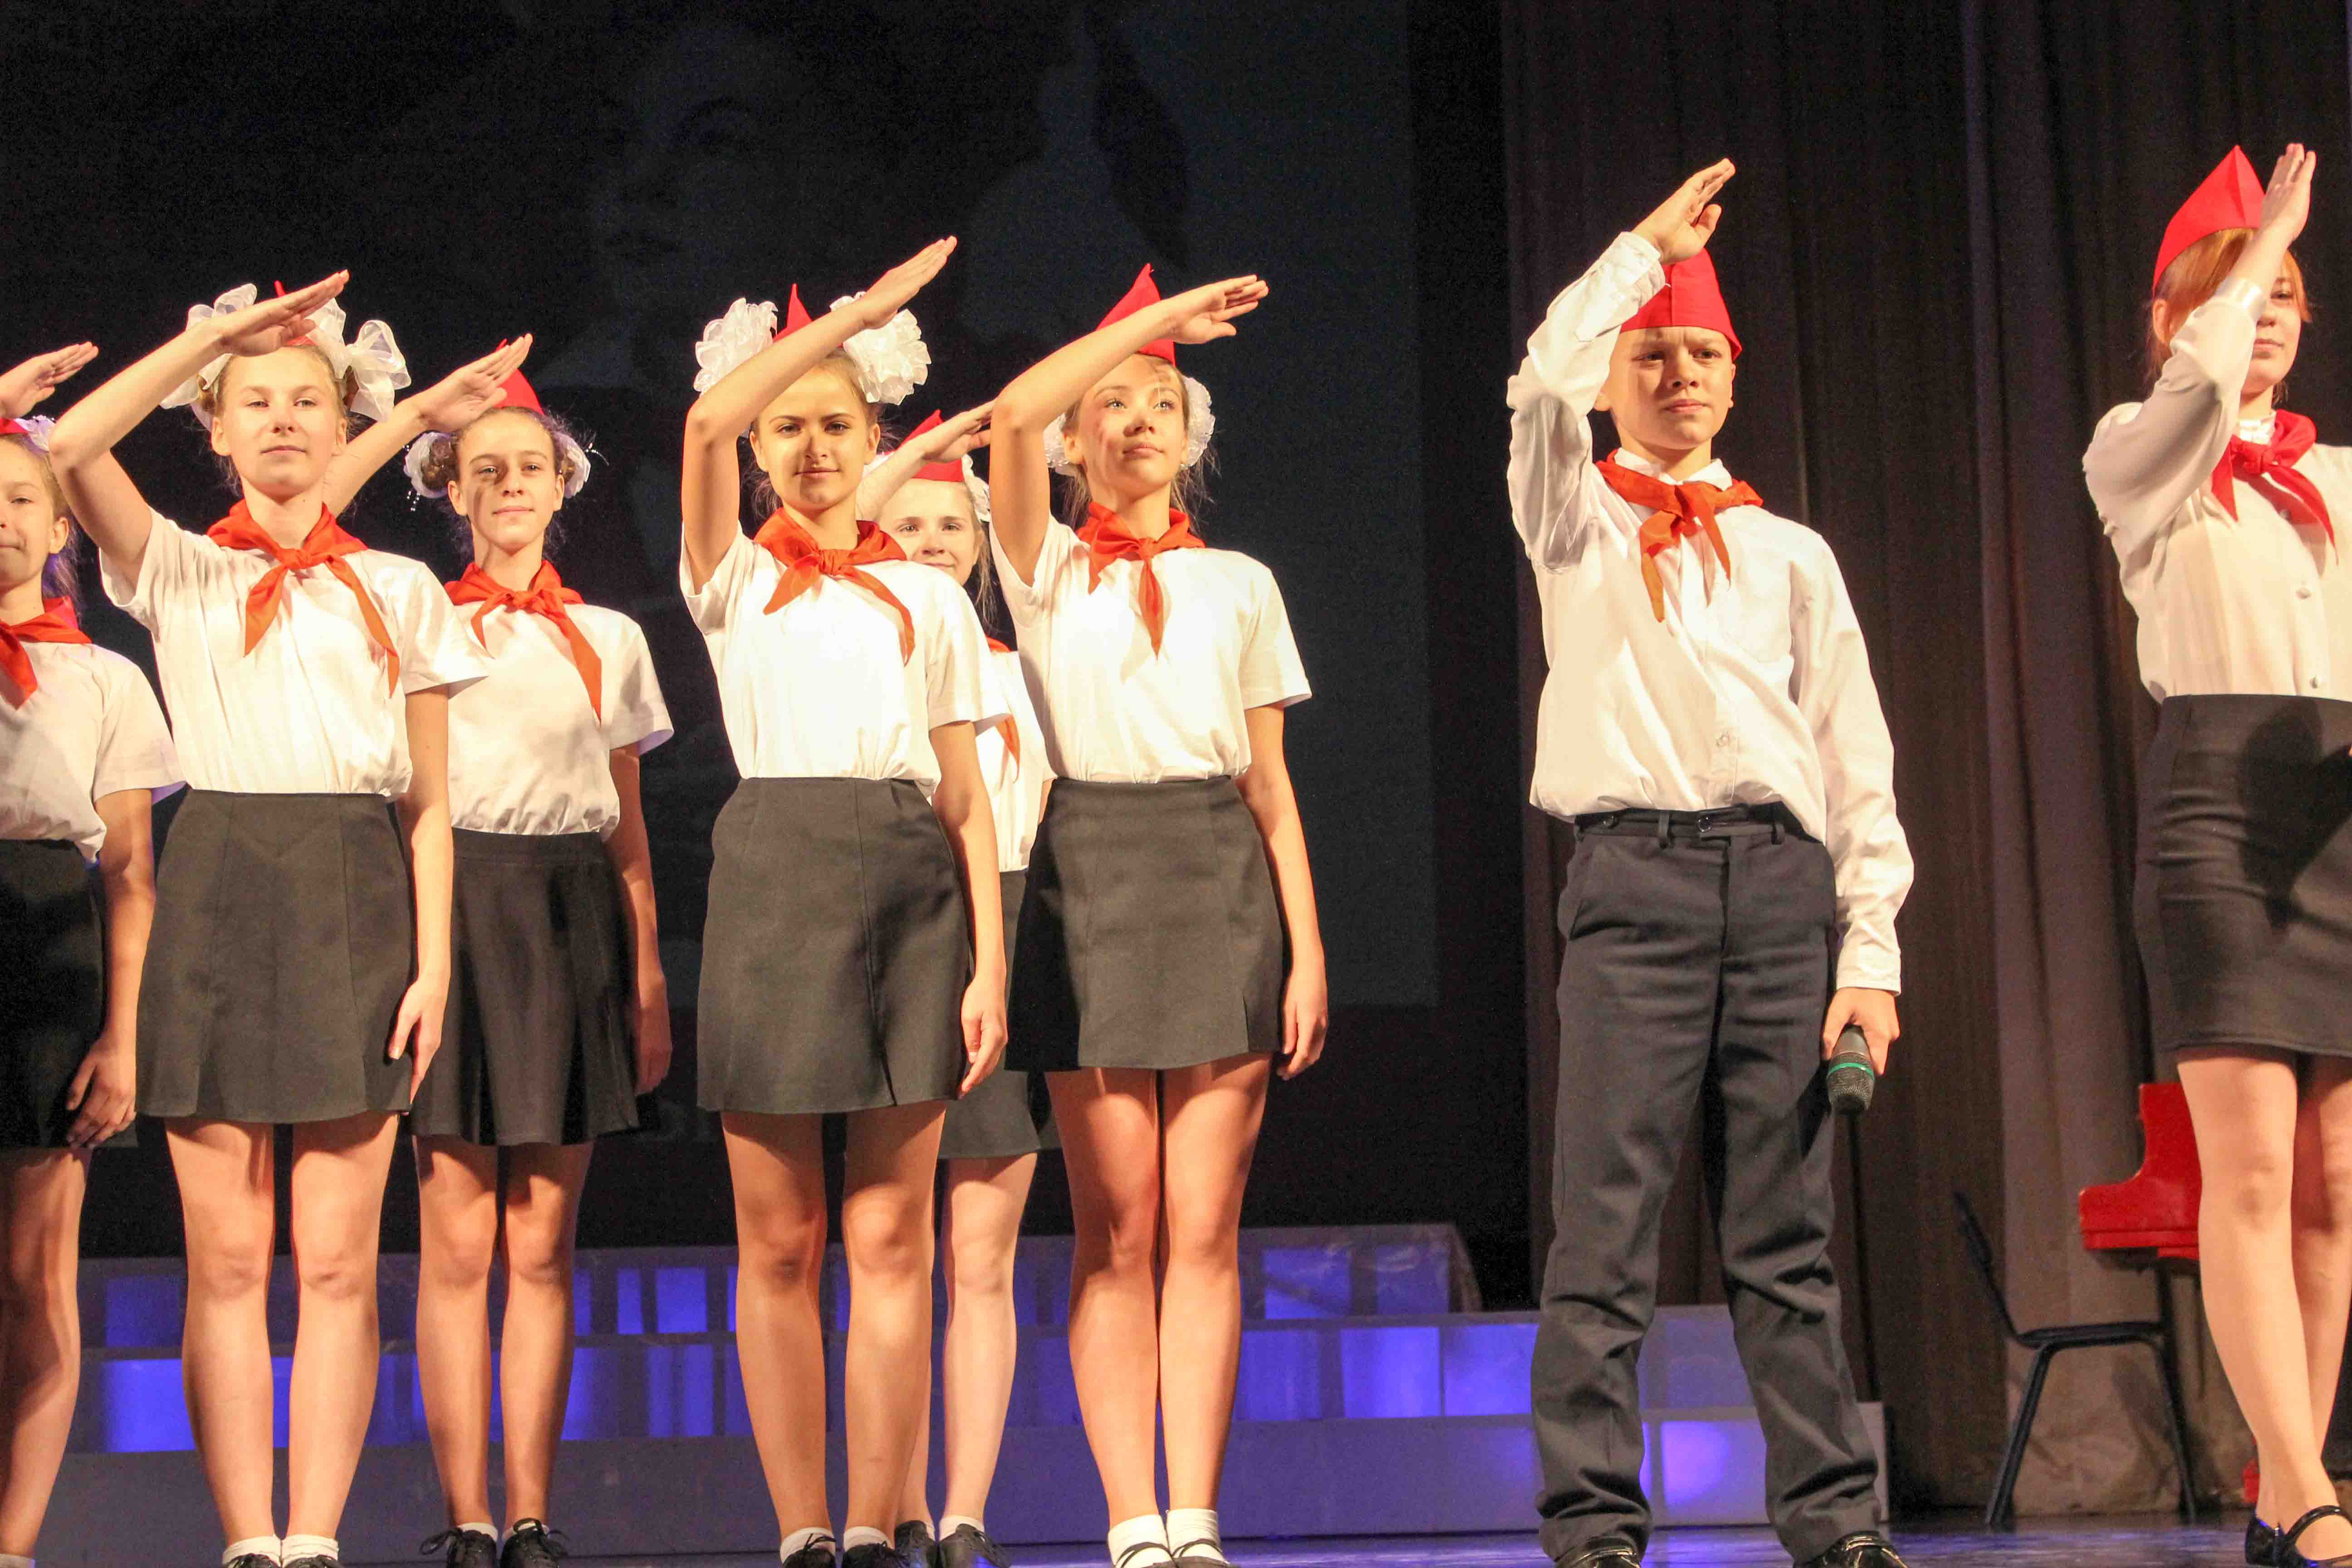 Празднование 100 –летней годовщины со дня образования ВЛКСМ в ДК «Россия»